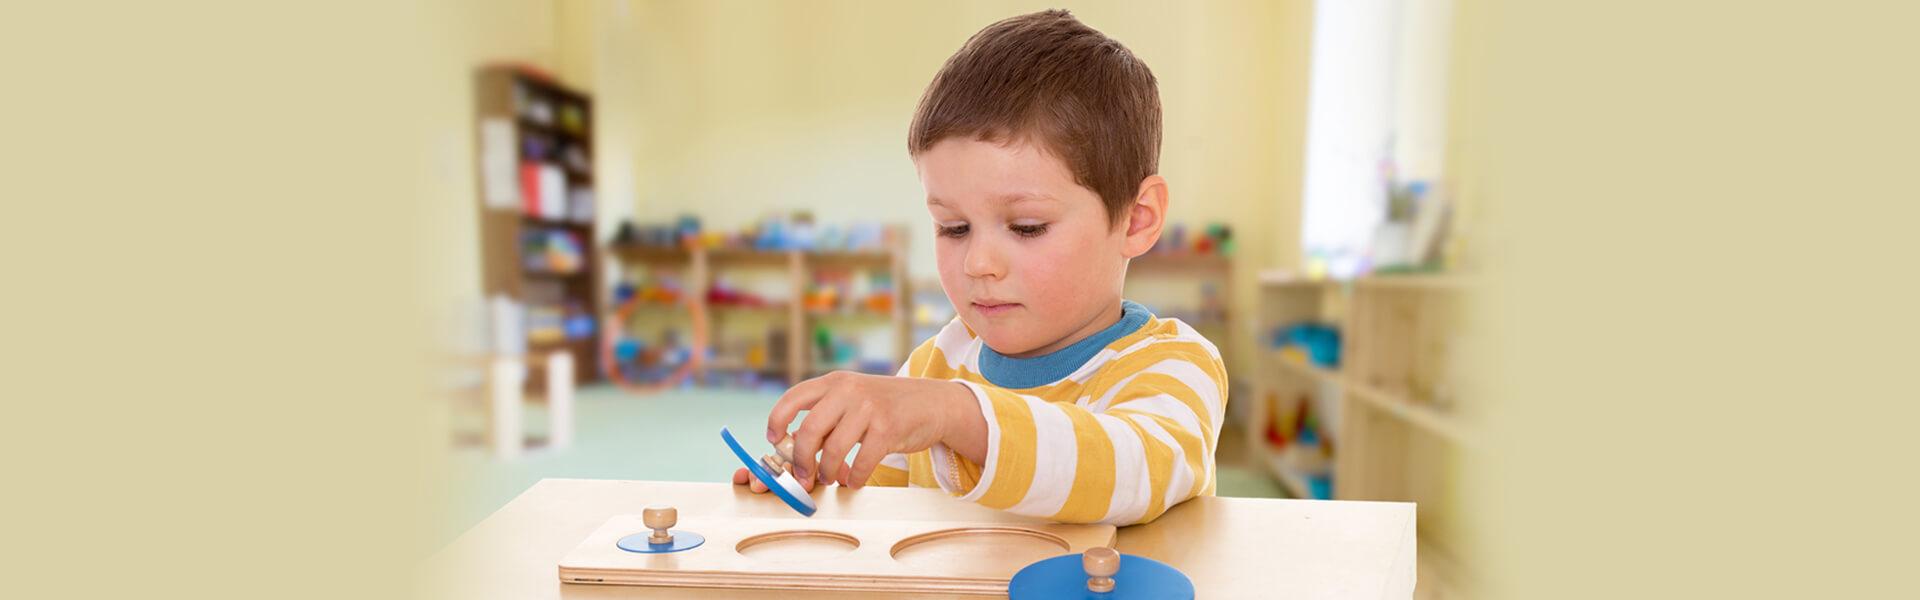 Montessori Inspired Fun Activities for Children